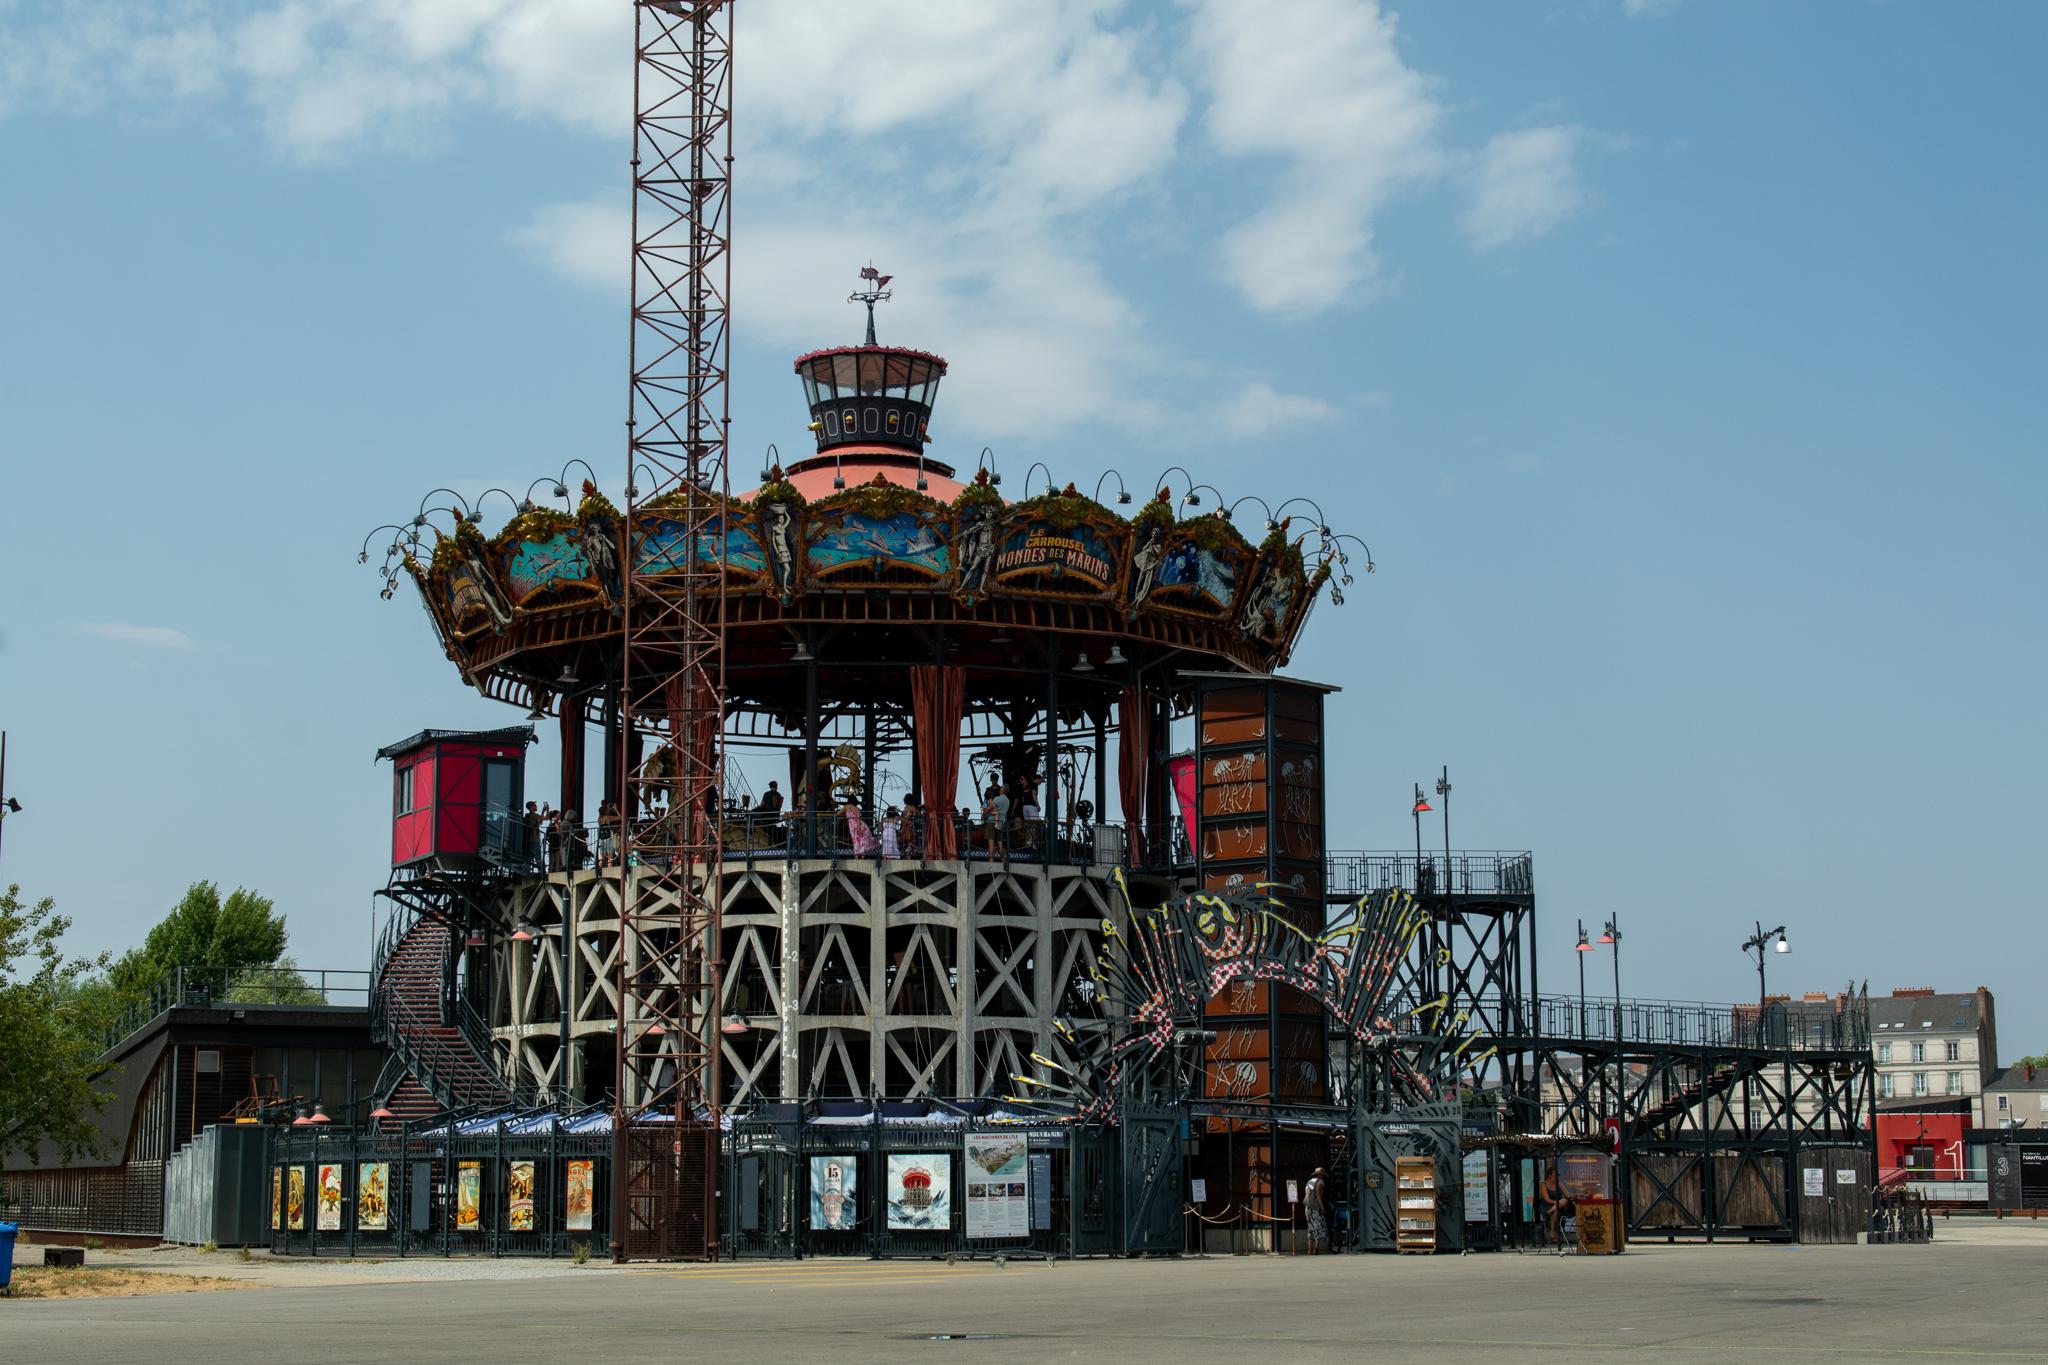 Le Carousel gehört zu den wichtigsten Nantes Sehenswürdigkeiten